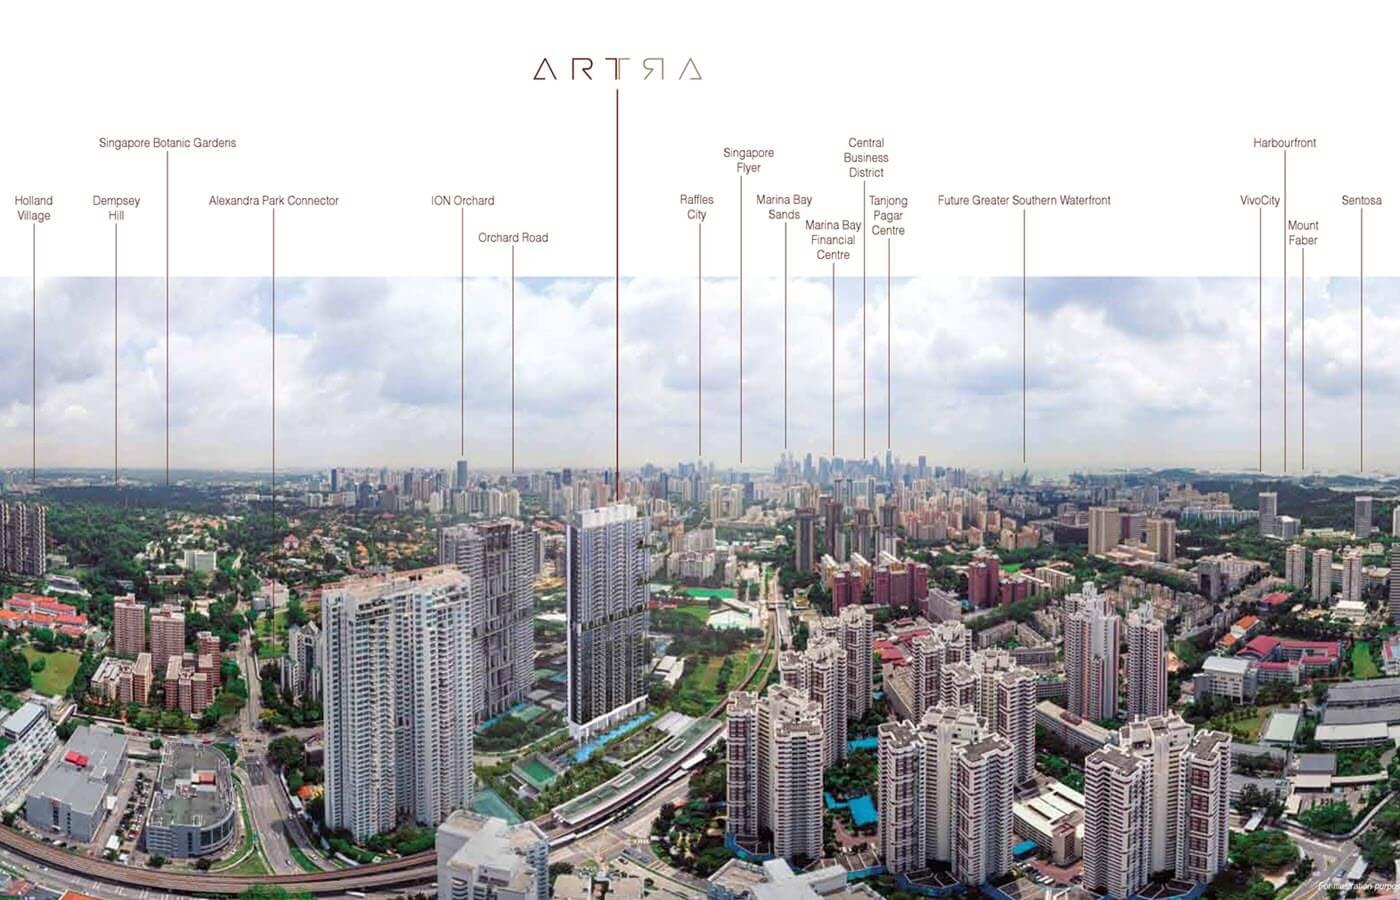 ARTRA Condo Location Nearby Amenities